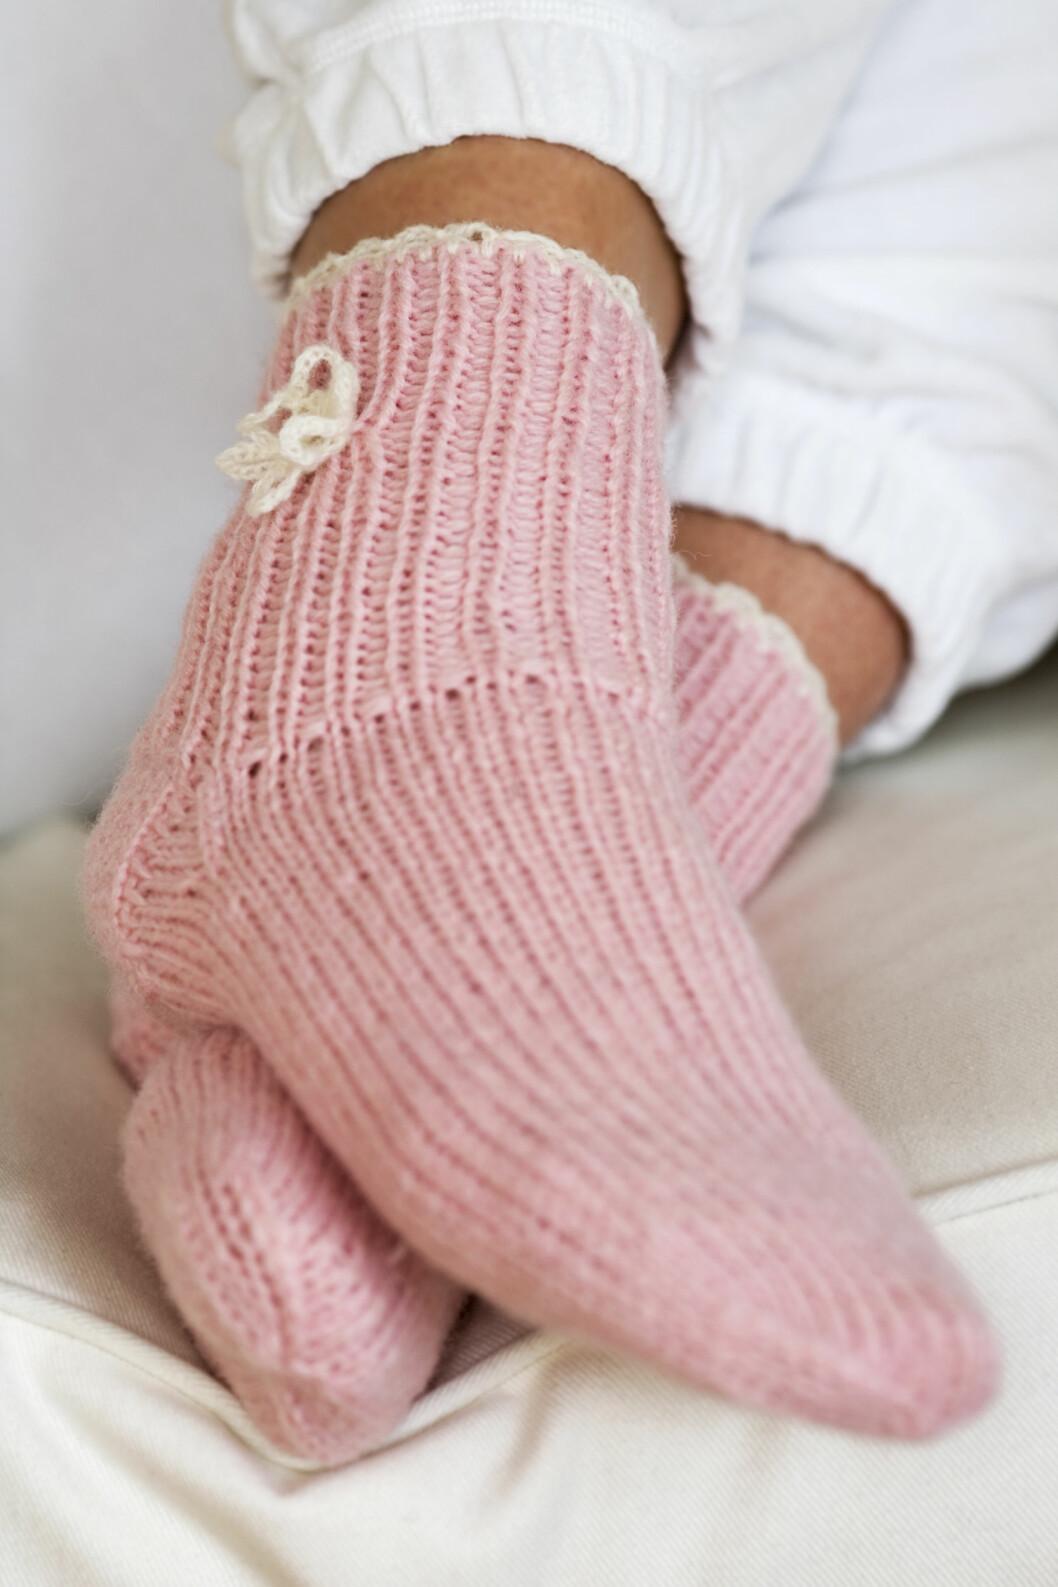 HUSK SOKKER: Å fryse på bena er ikke bra for nattesøvnen, og søvneksperten råder til å ha på et par varme sokker, uansett om du helst sover med eller uten klær.  Foto: Scanpix